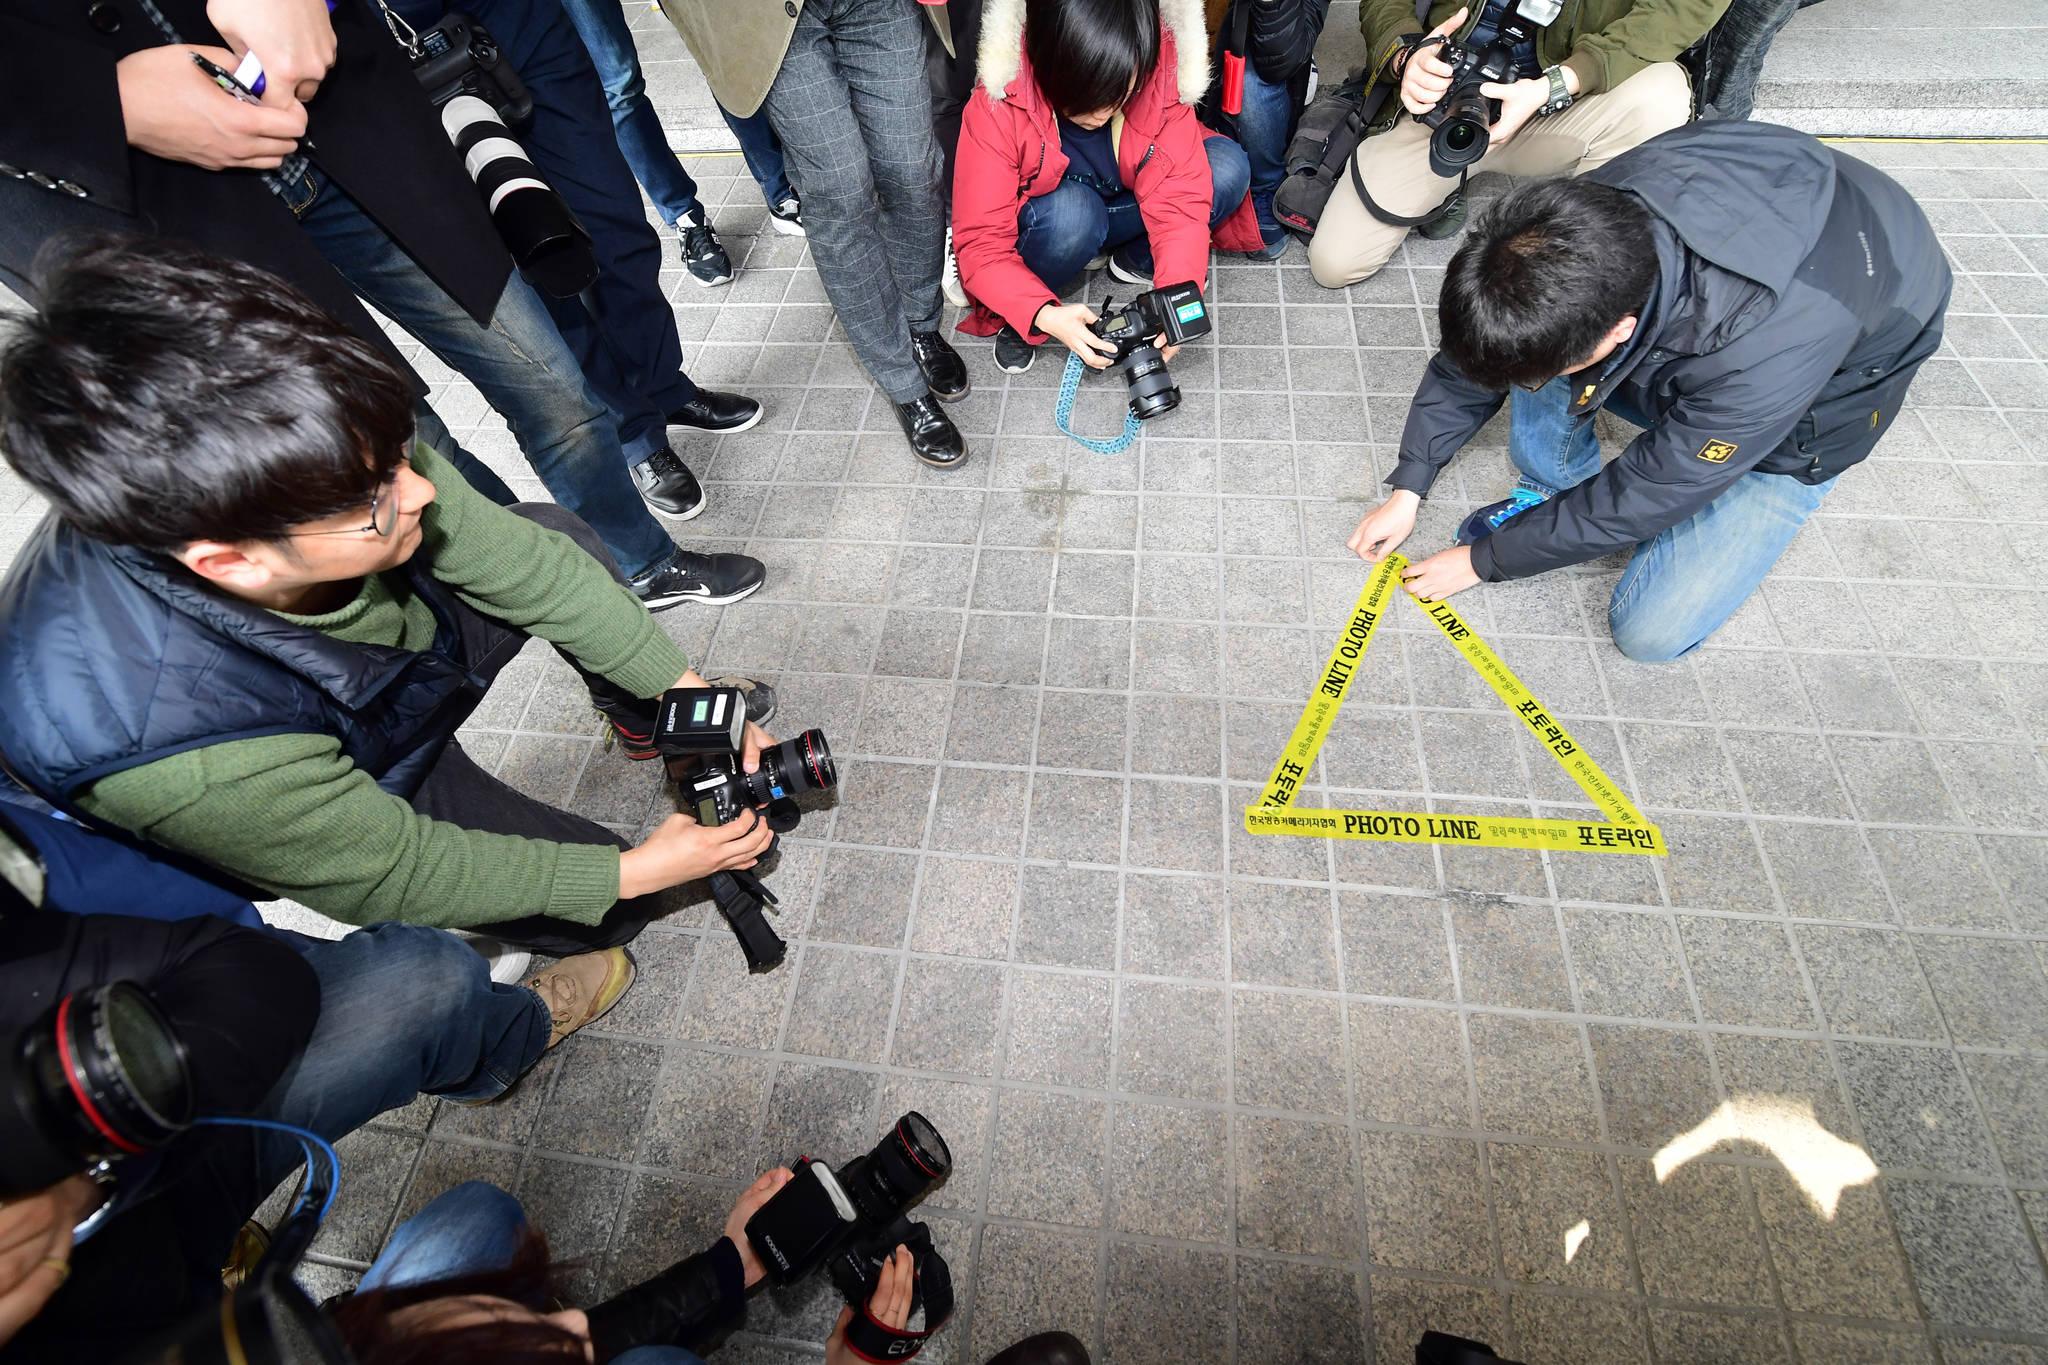 이명박 전 대통령의 검찰출두를 하루 앞 둔 13일 서울 서초동 중앙지검에서 취재진들이 포토라인을 정리하는 등 준비작업을 하고 있다. 강정현 기자